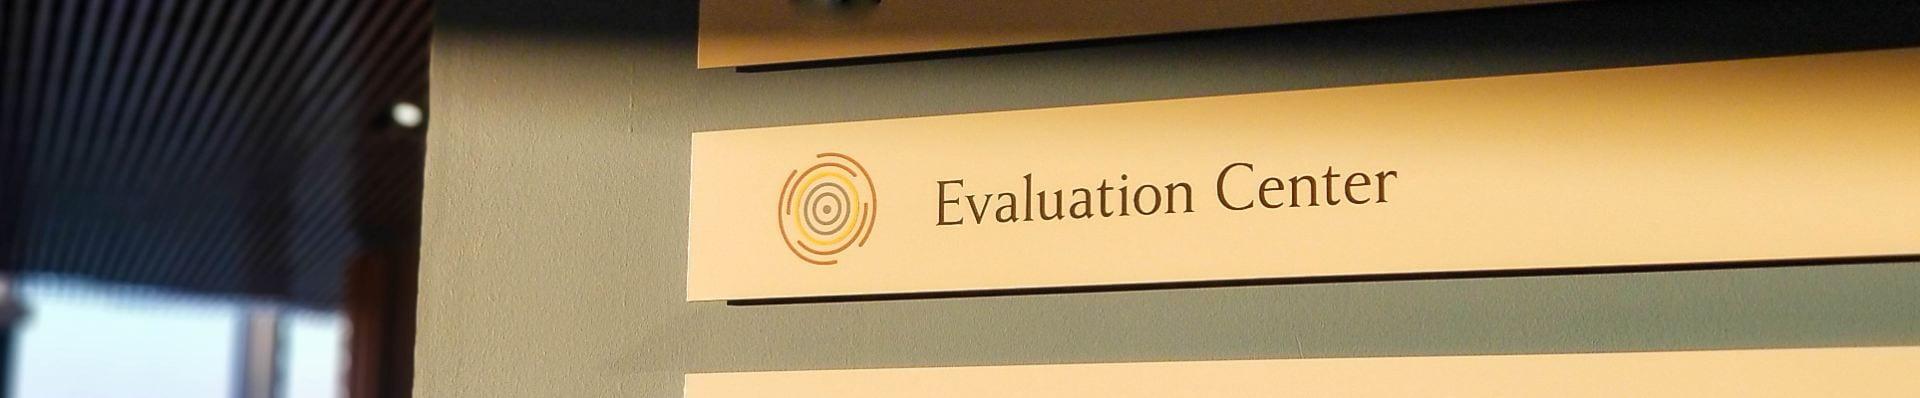 Evaluation Center Door Tag